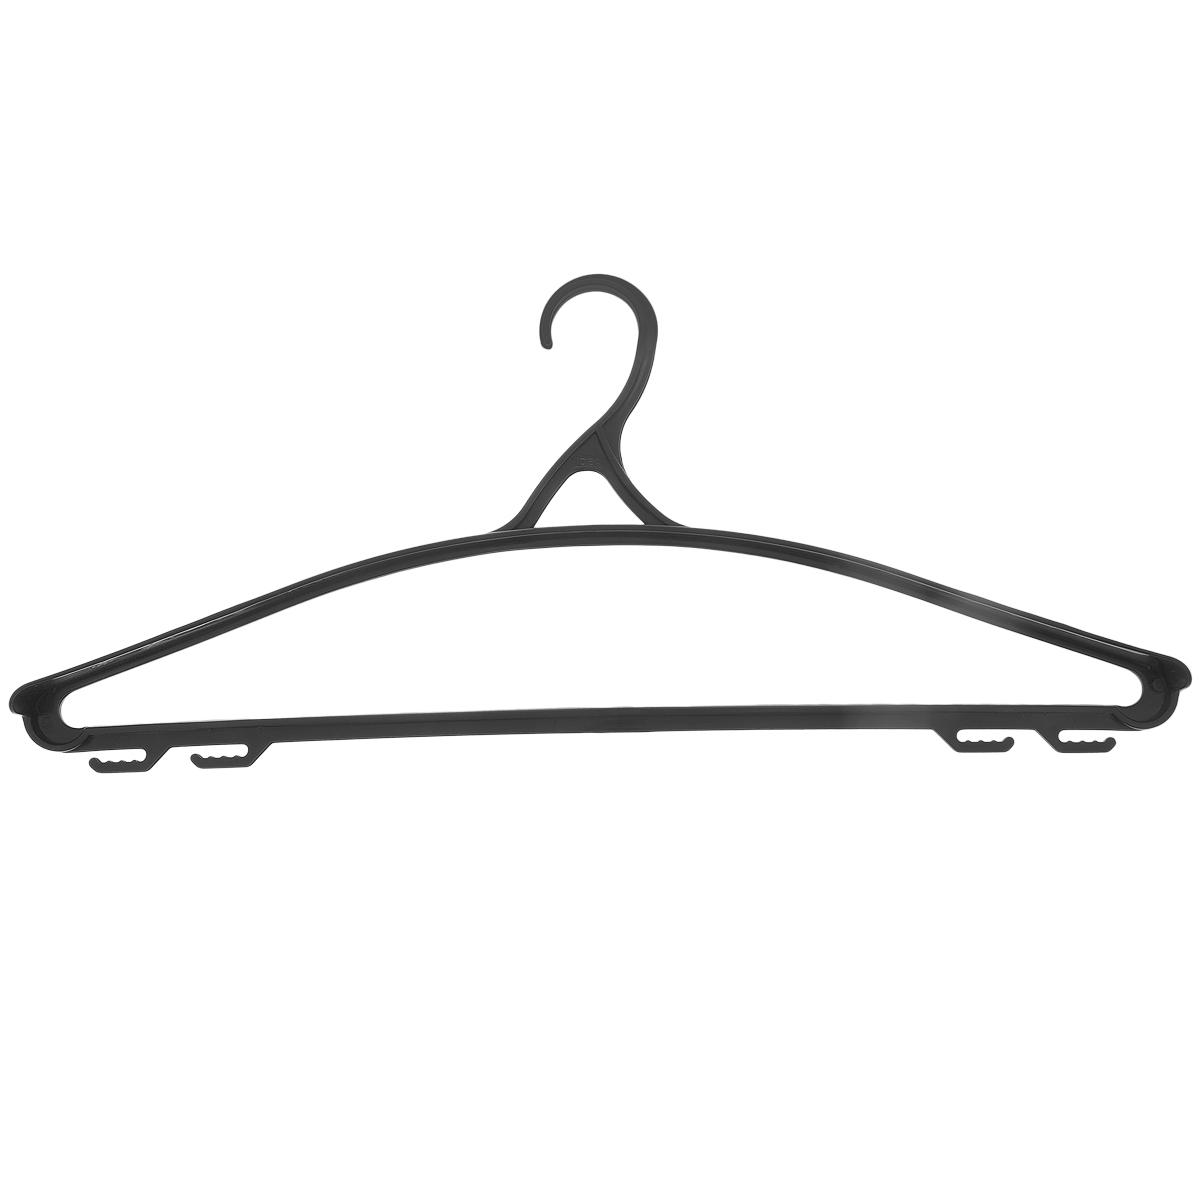 Вешалка для одежды М-пластика, цвет: черный, размер 50-52М 2210Универсальная вешалка для одежды М-пластика выполнена из легкого пластика. Изделие оснащено перекладиной и четырьмя крючками. Вешалка - это незаменимая вещь для того, чтобы ваша одежда всегда оставалась в хорошем состоянии. Размер одежды: 50-52.